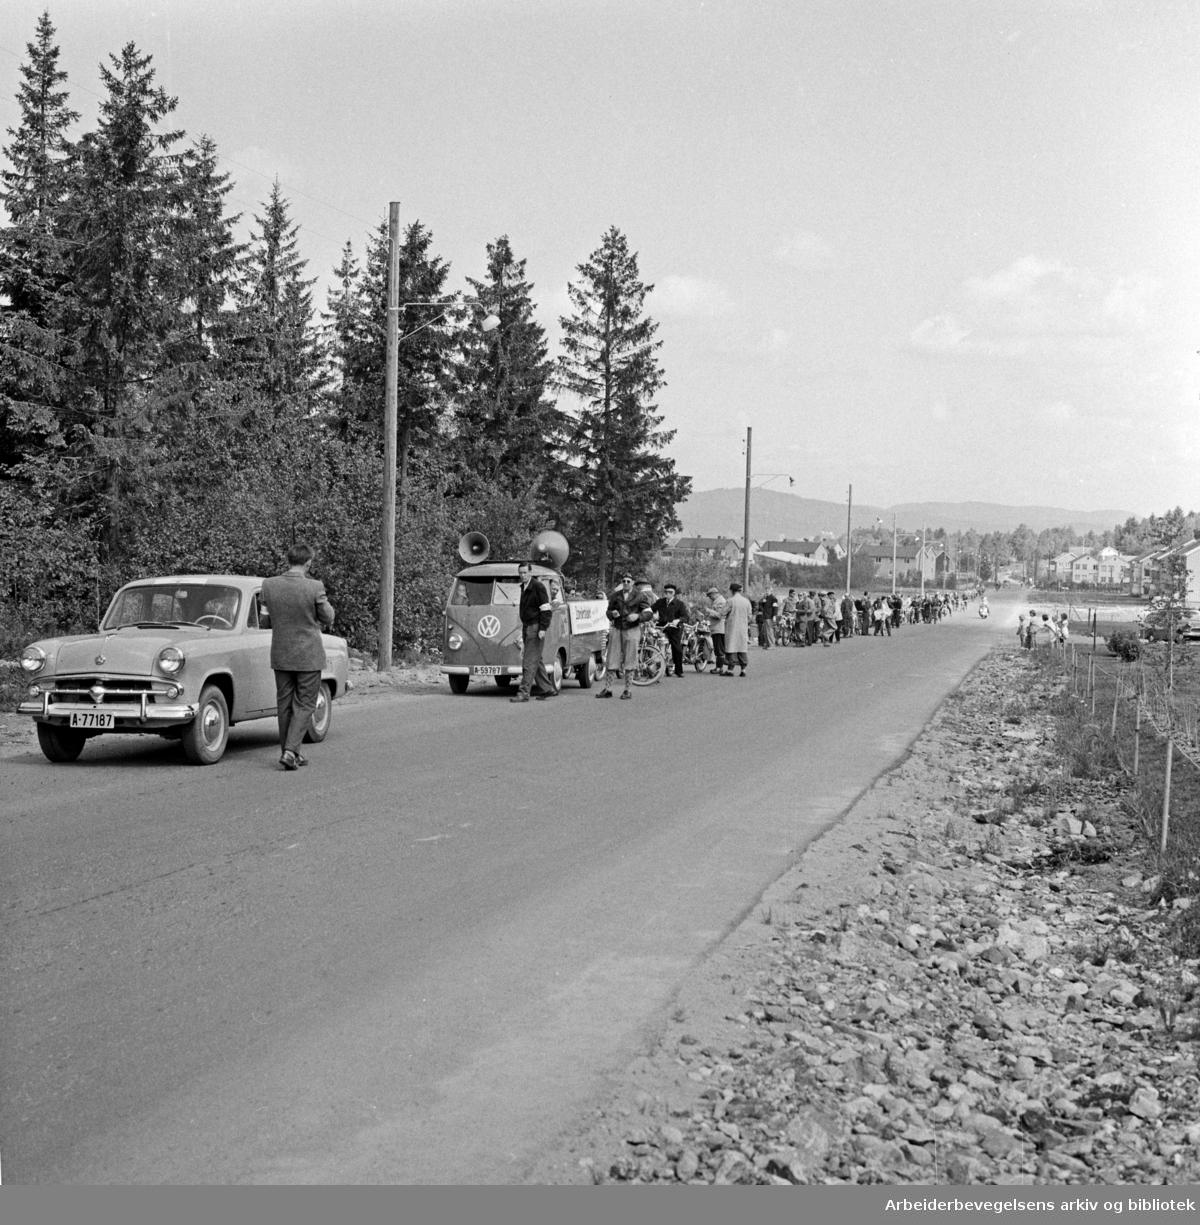 Arbeiderbladet arrangerer moped-tur fra Yongstorget til Frambu (Siggerud i Ski kommune) i samarbeid med Norges Sykkel- og Mopedeieres Forening, 10. juni 1958.